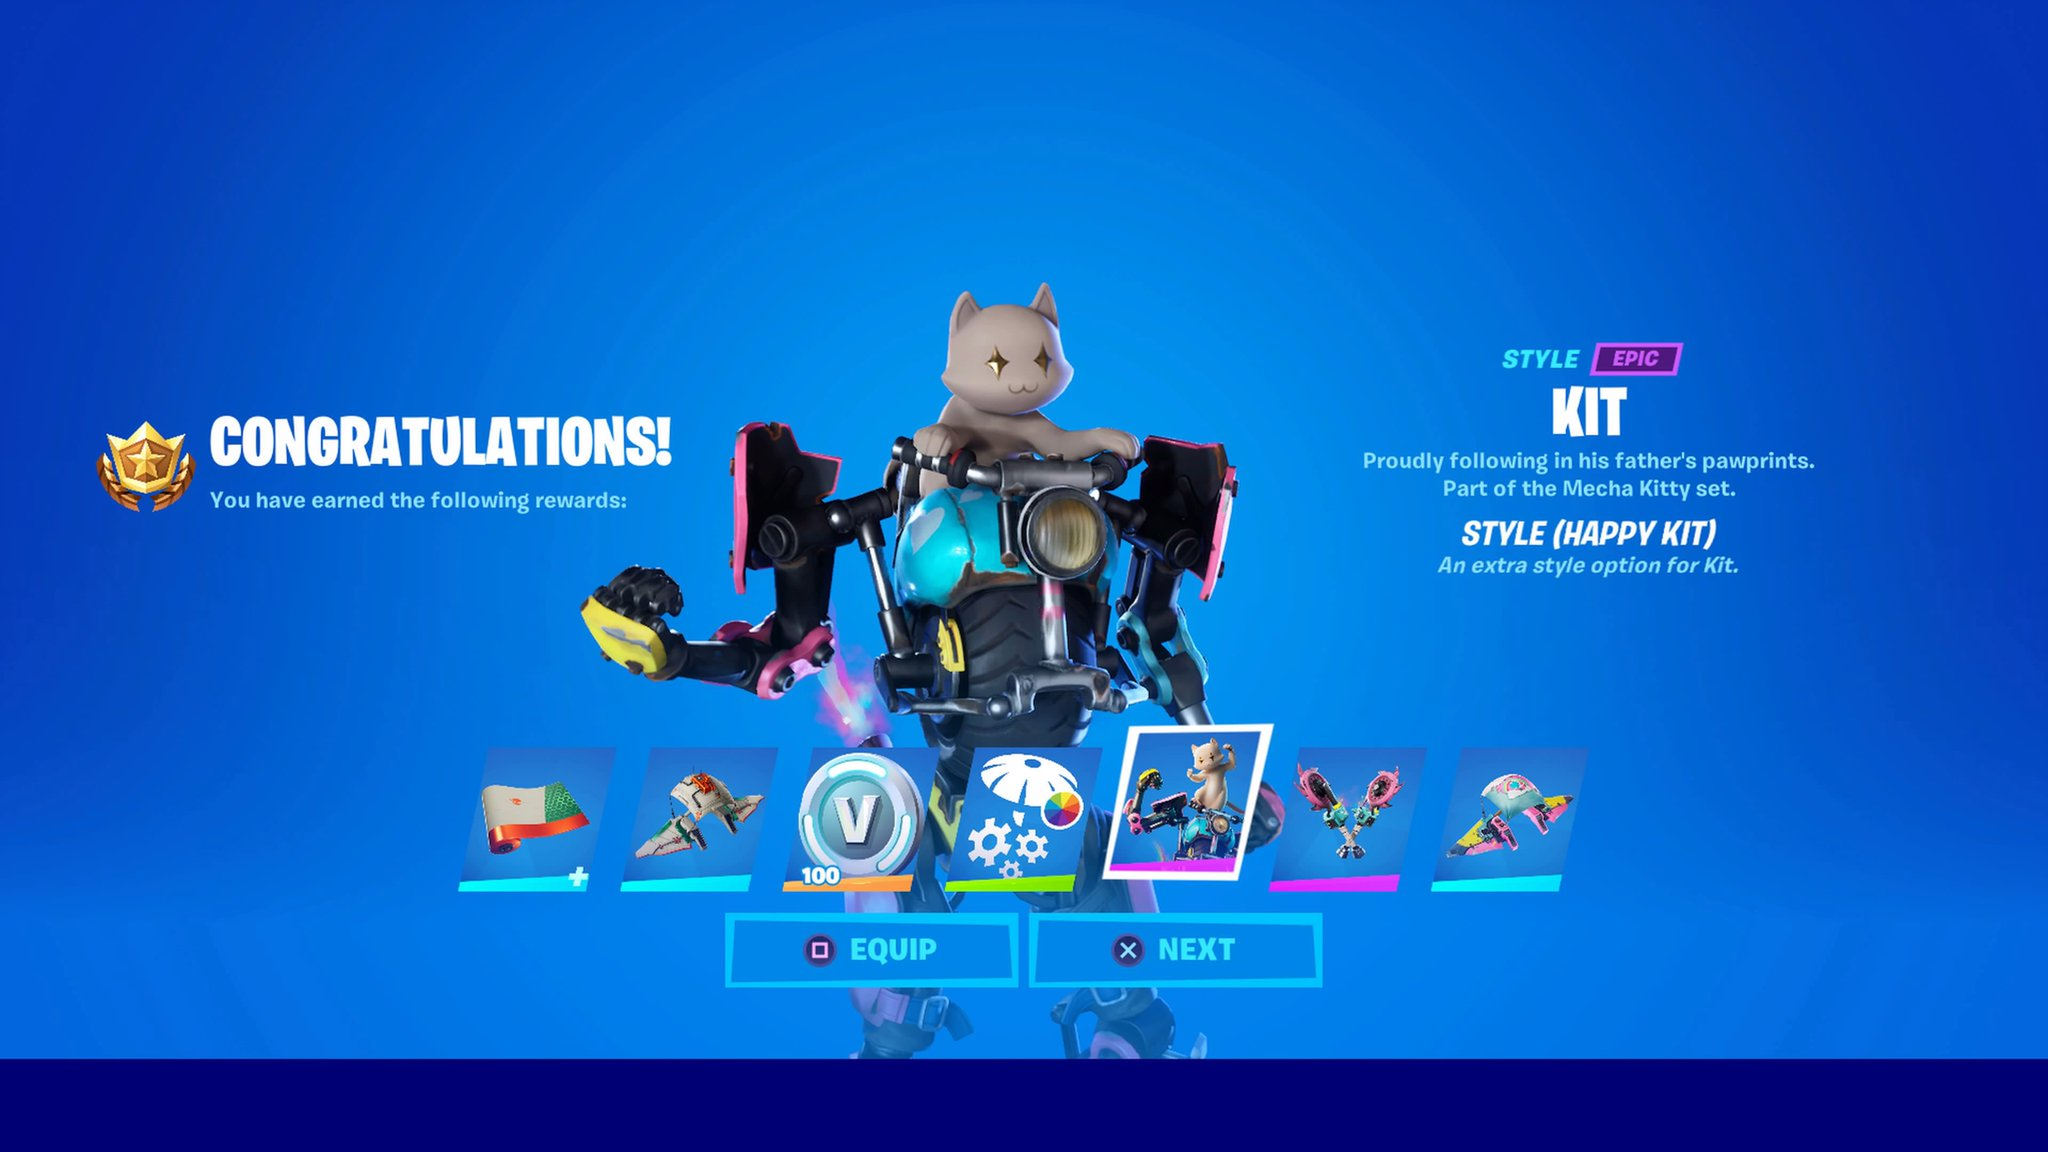 Liz And Koala On Twitter Kit Happy Style In Fortnite Kitten Cat Fortnitechapter2season3 Fortnitechapter2 Fortniteseason3 Ps4share